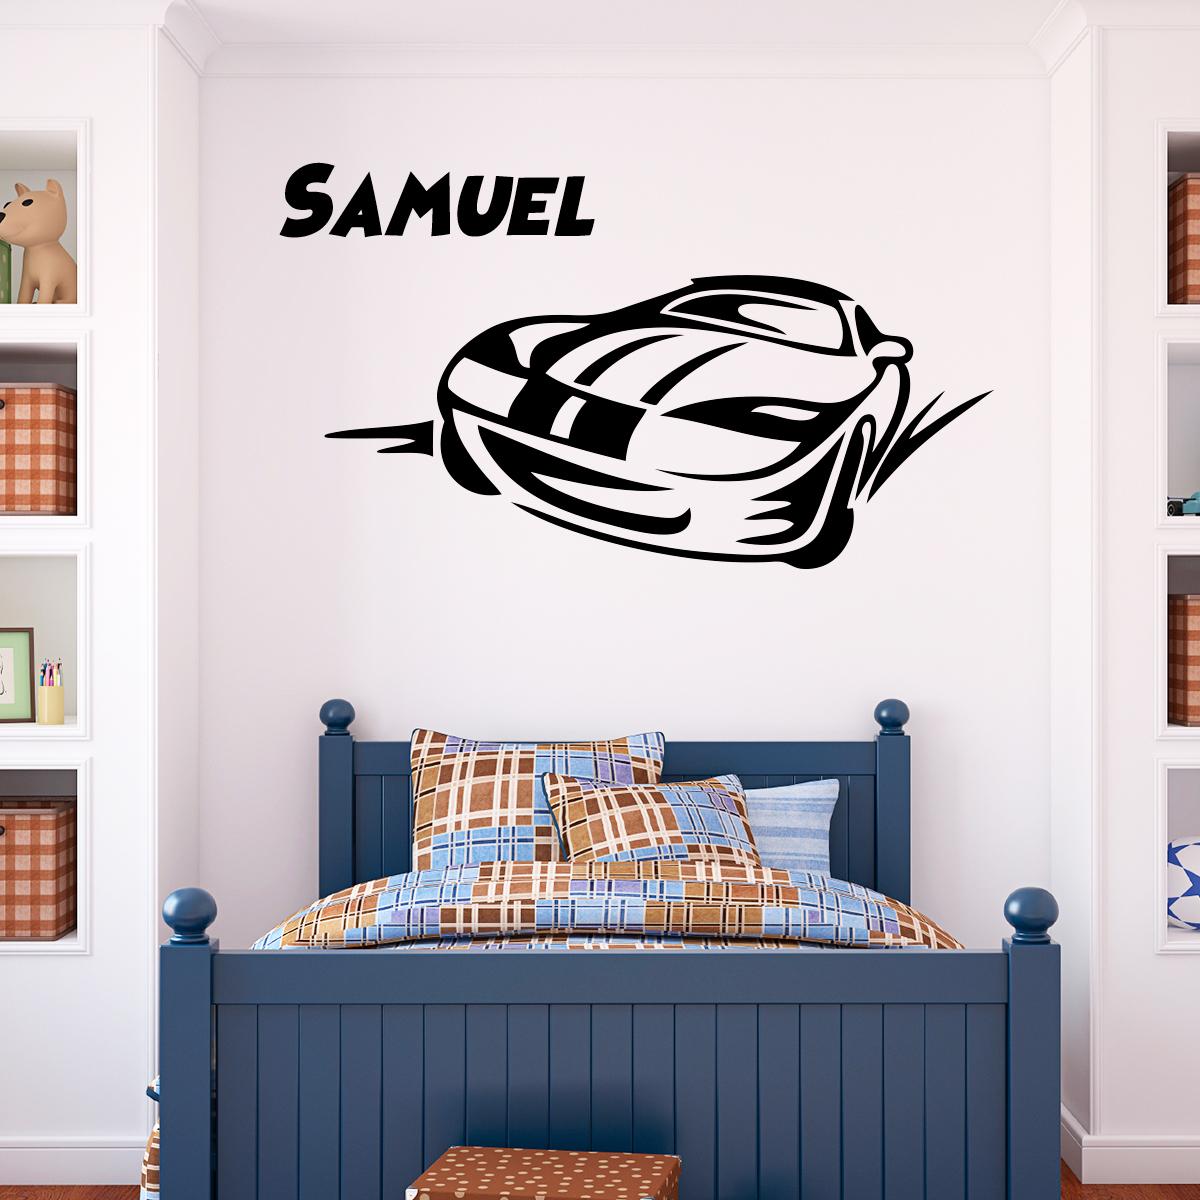 Sticker pr nom personnalis voiture sportive chambre ado gar on ambiance sticker - Stickers voiture chambre garcon ...